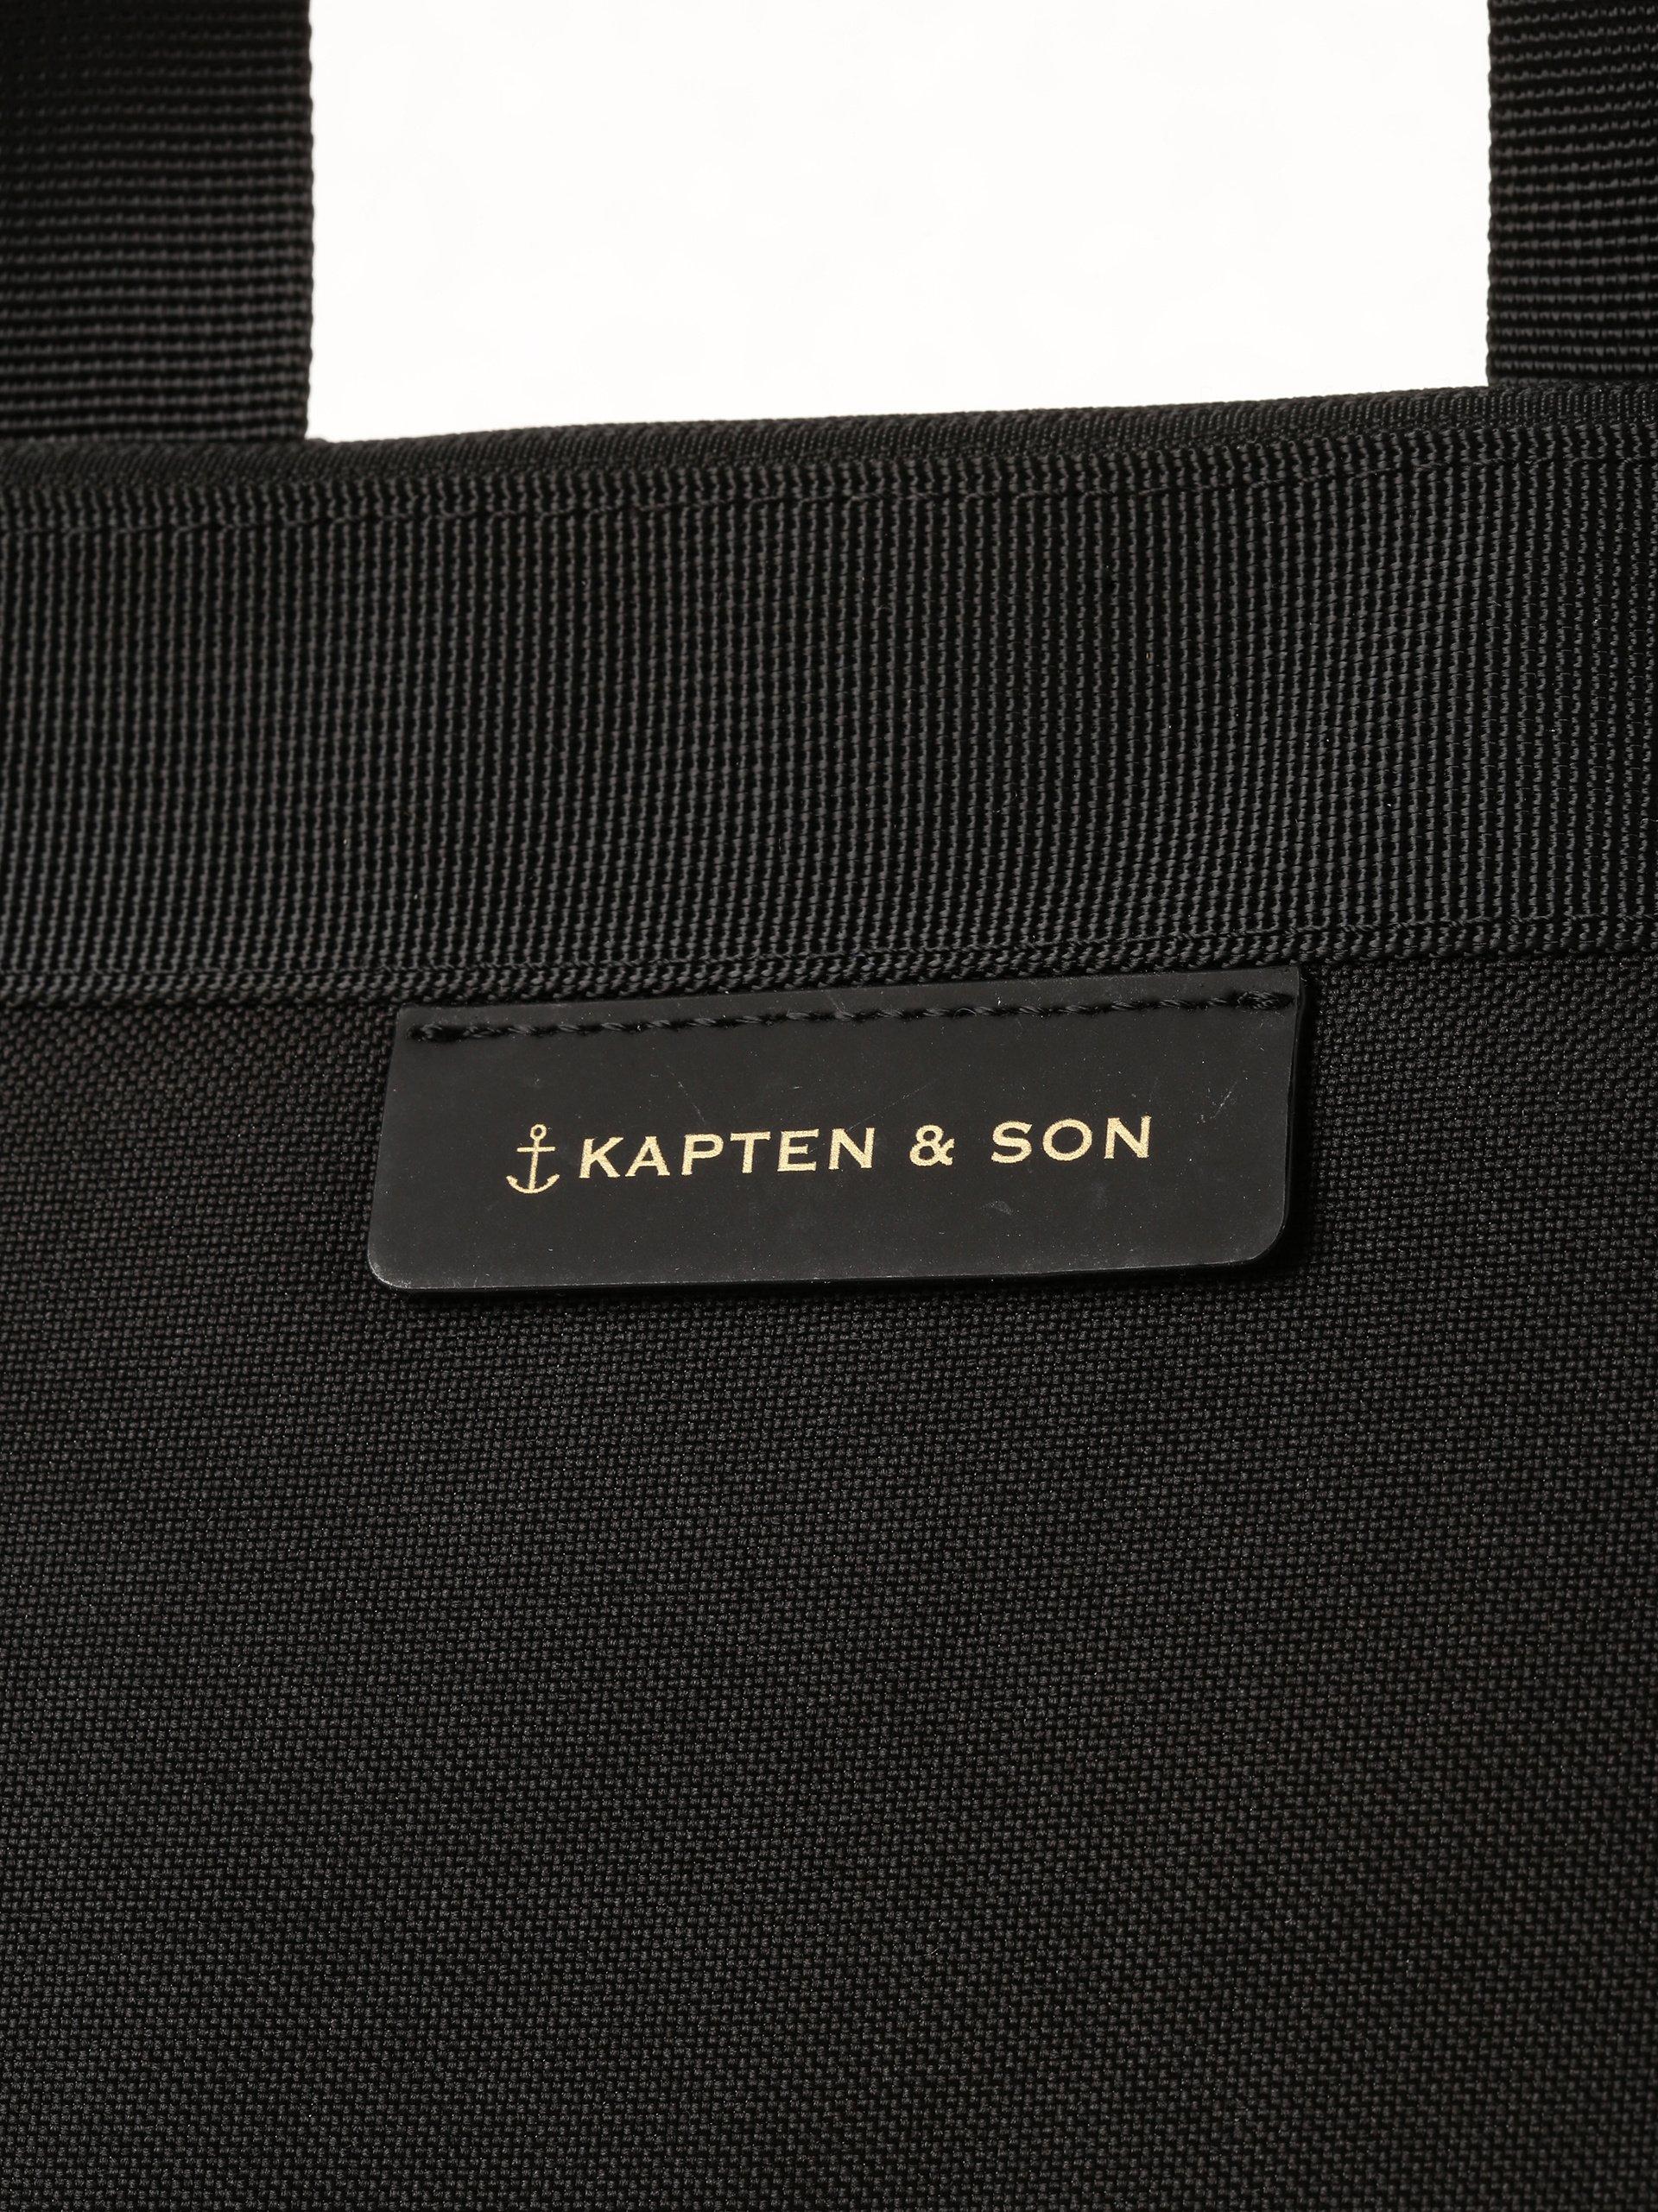 Kapten and Son Damen Rucksack - Umeå